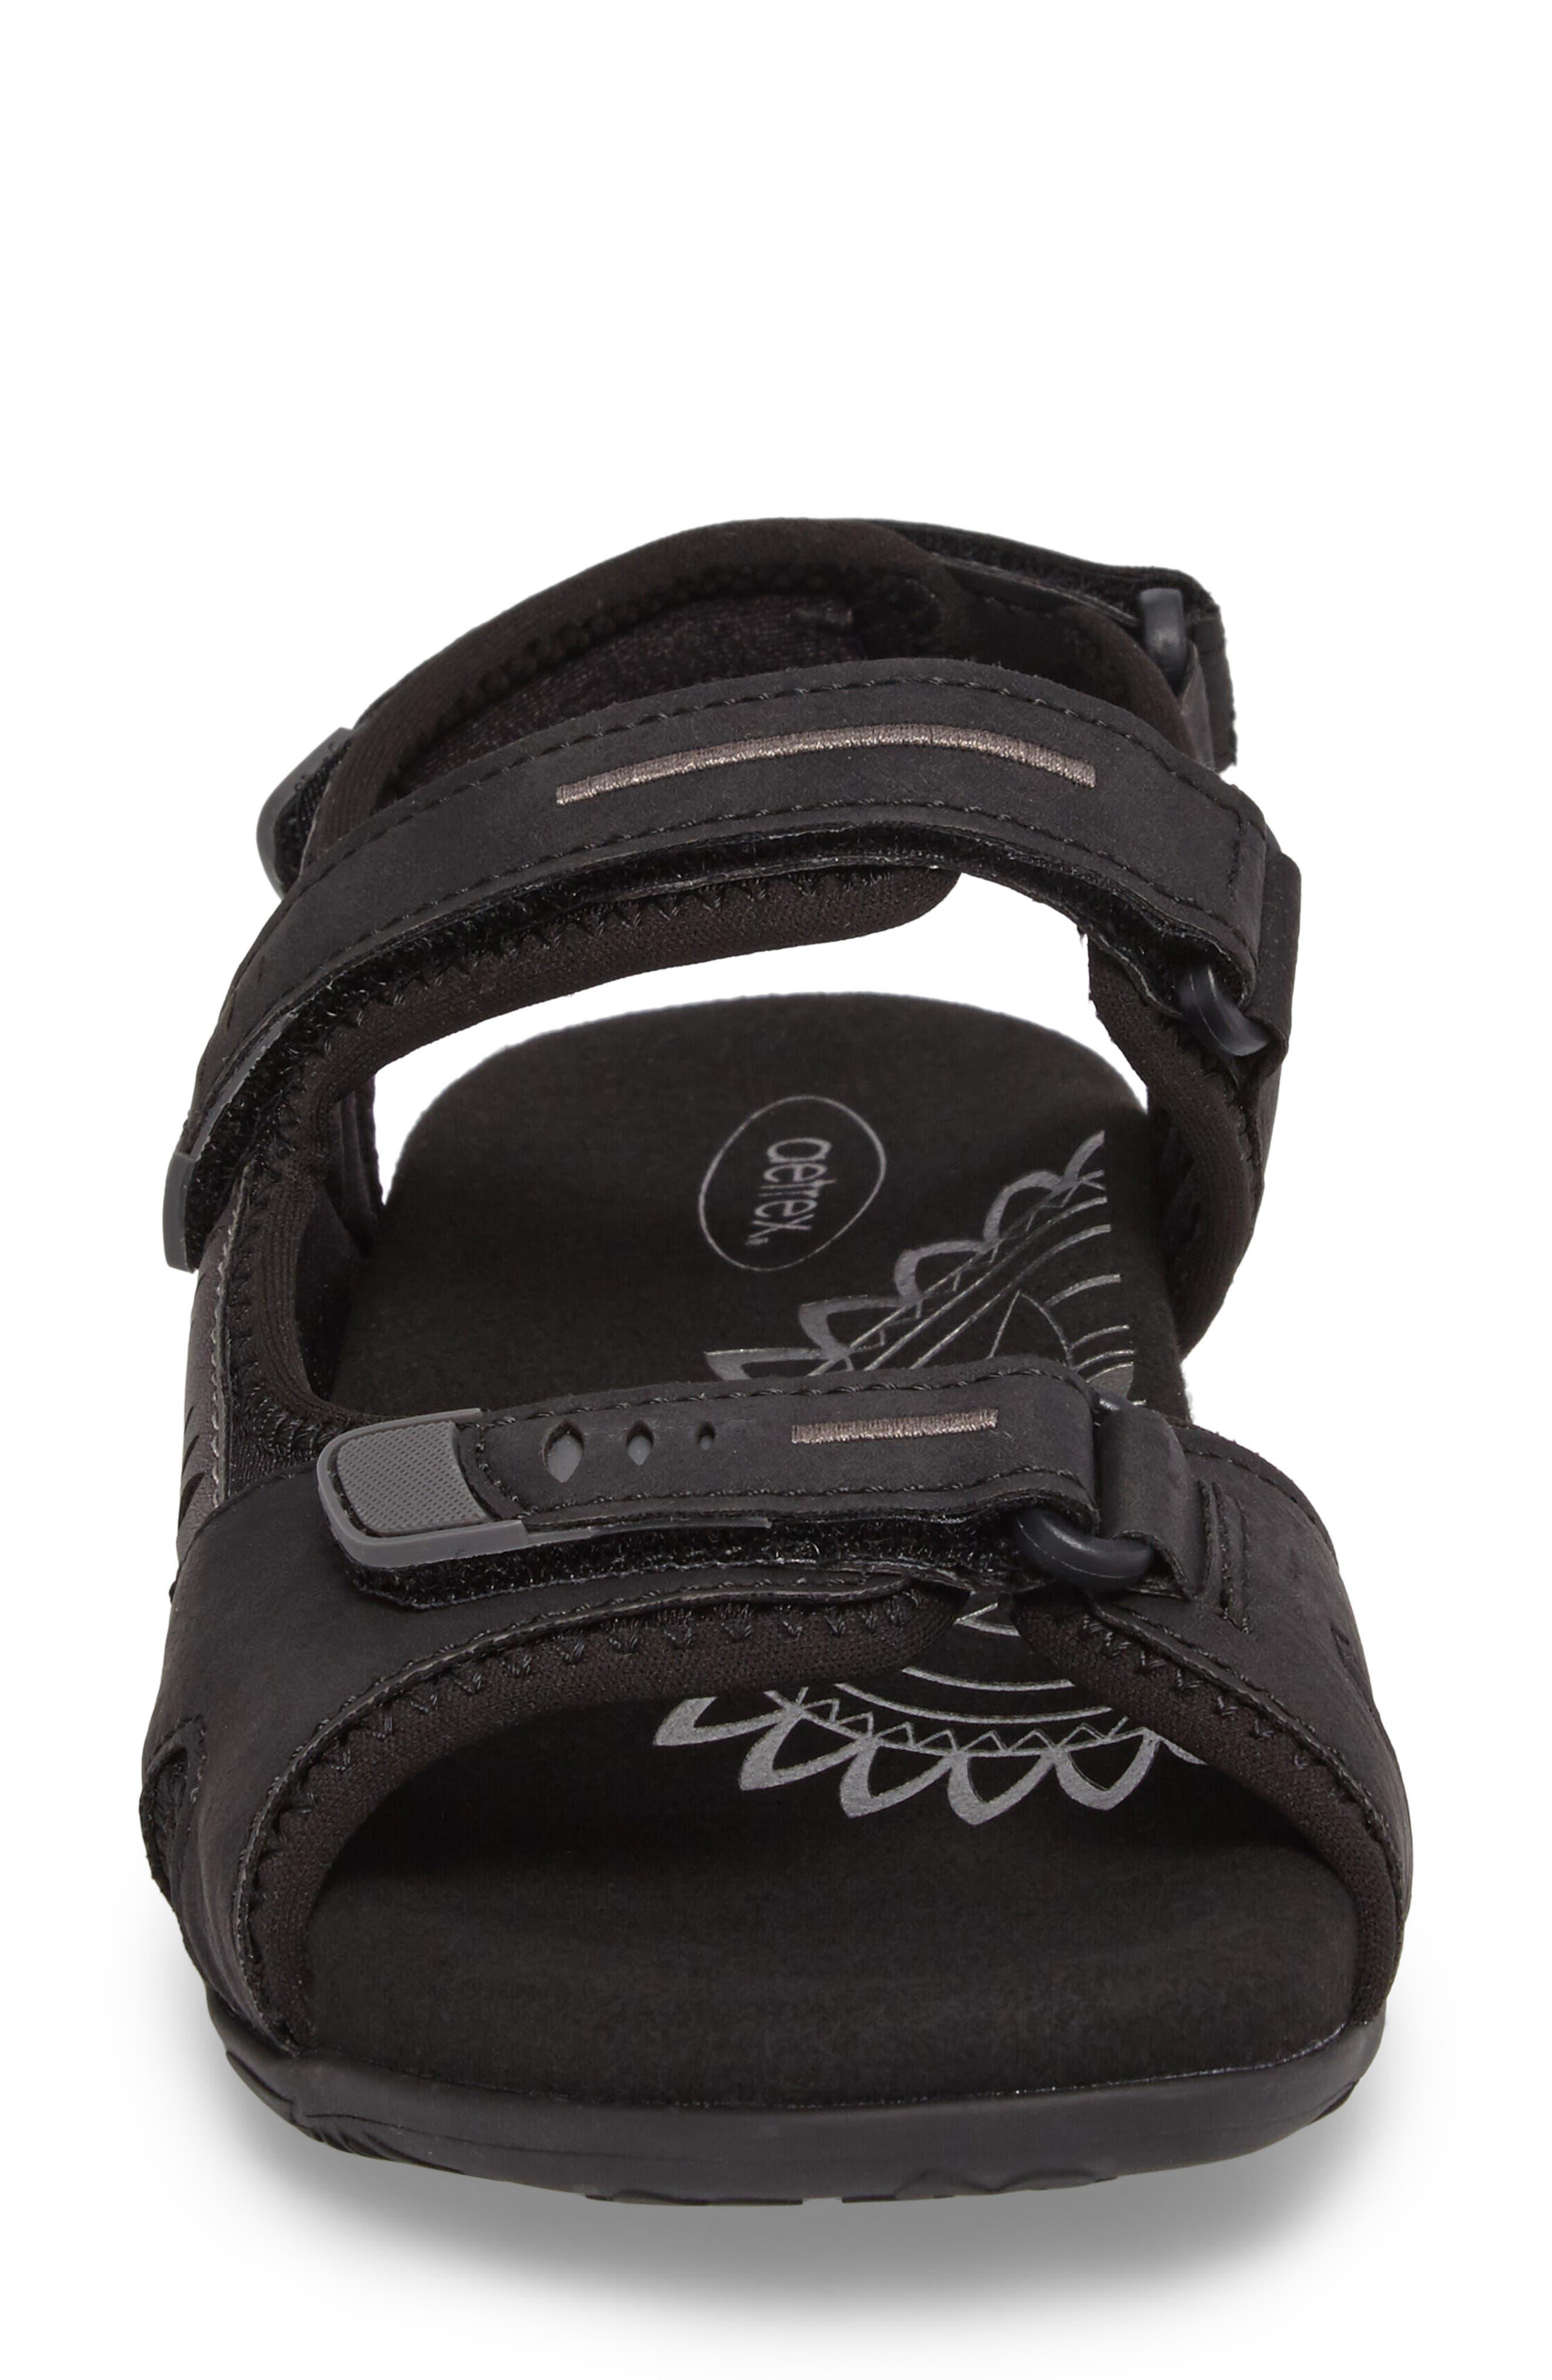 Bree Sport Sandal,                             Alternate thumbnail 5, color,                             Black Fabric